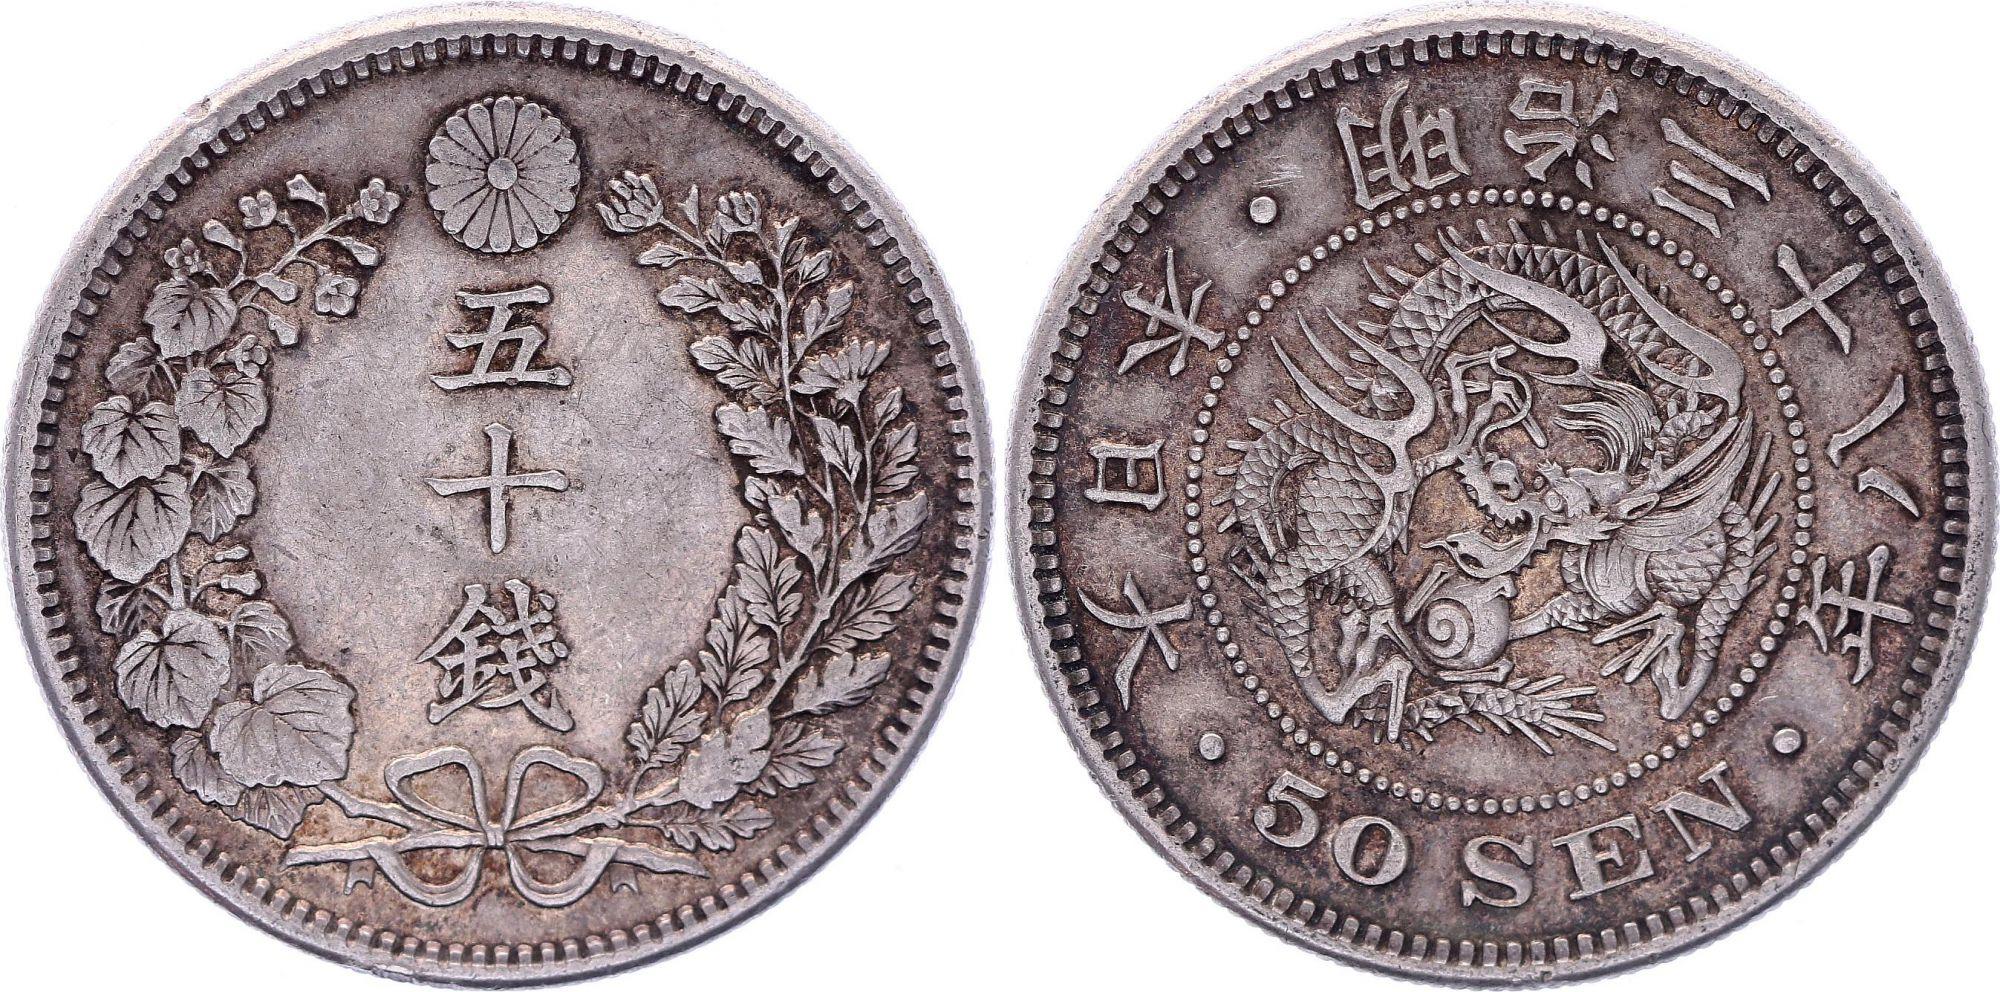 Japon 50 Sen Dragon - 1905 Meiji An 38